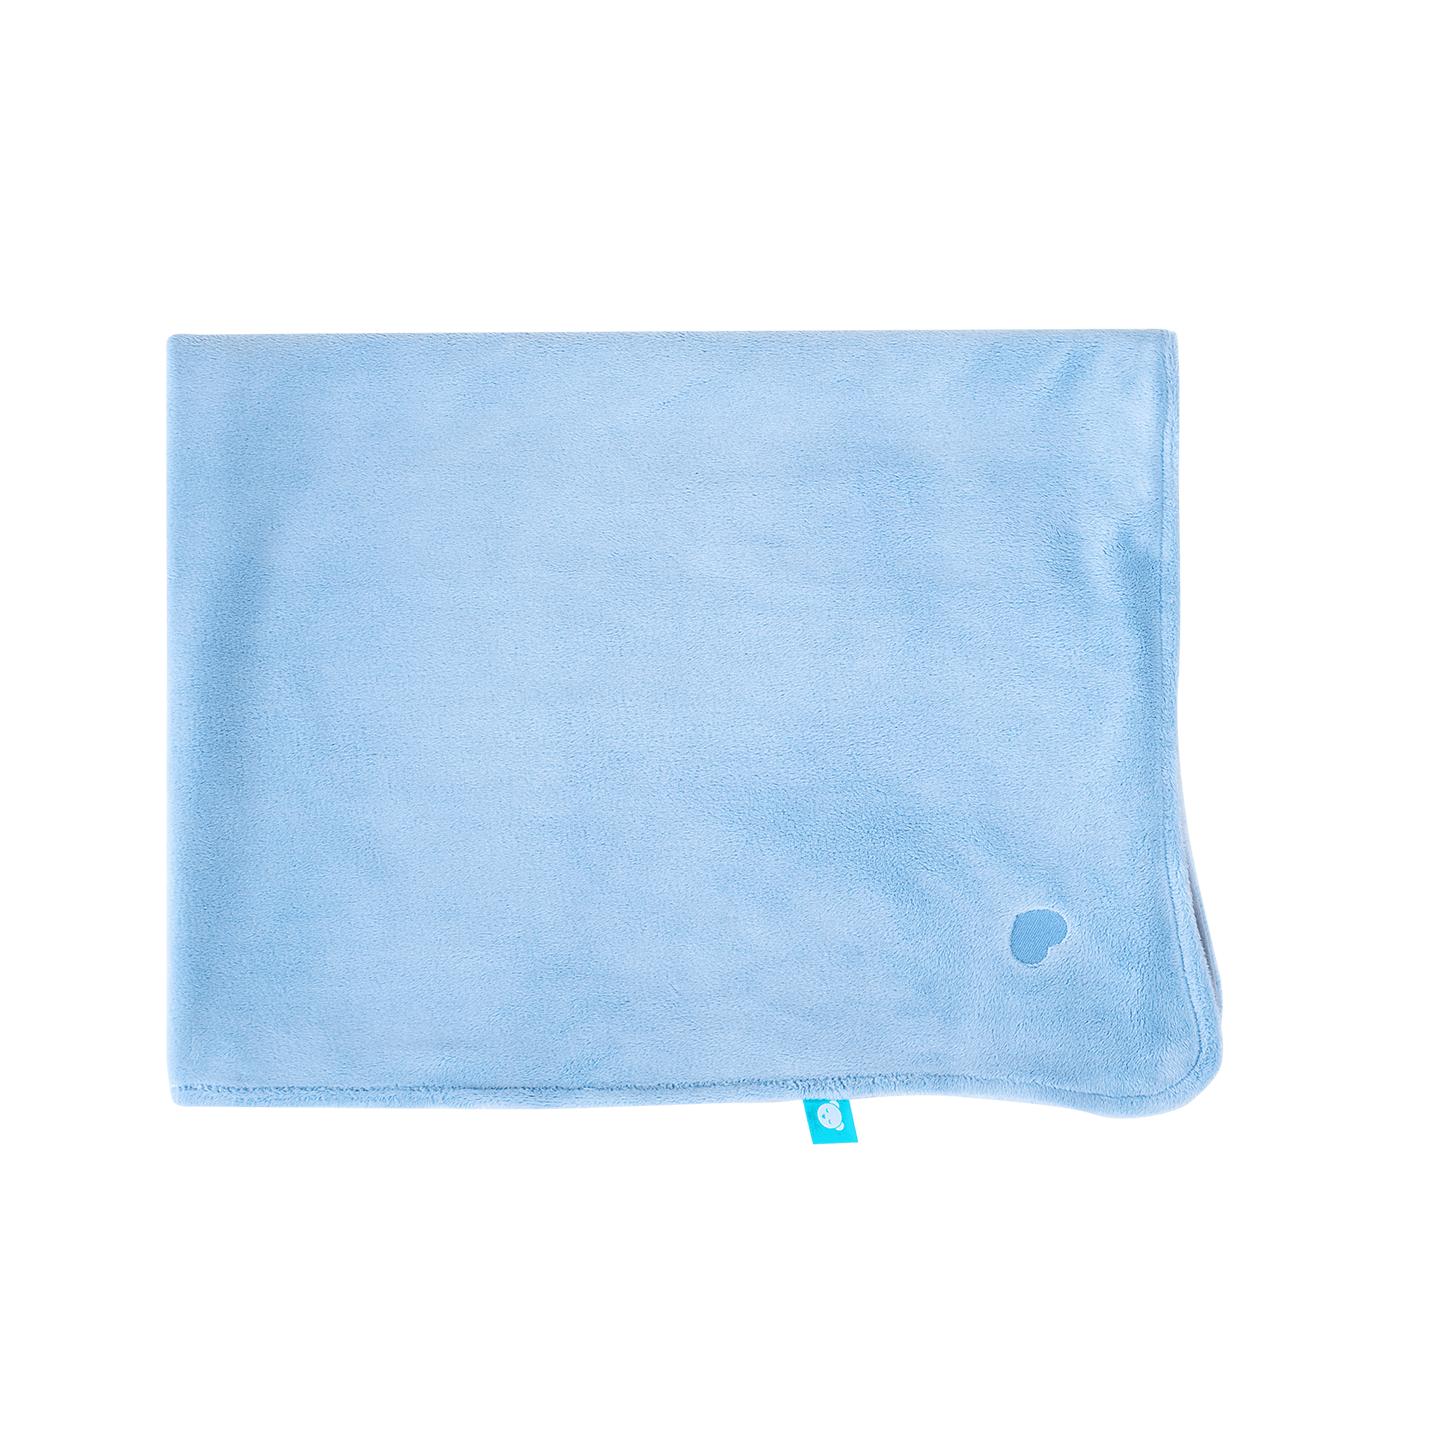 myHummy De Sleeephearts' Favoriete Deken - blauw/grijs